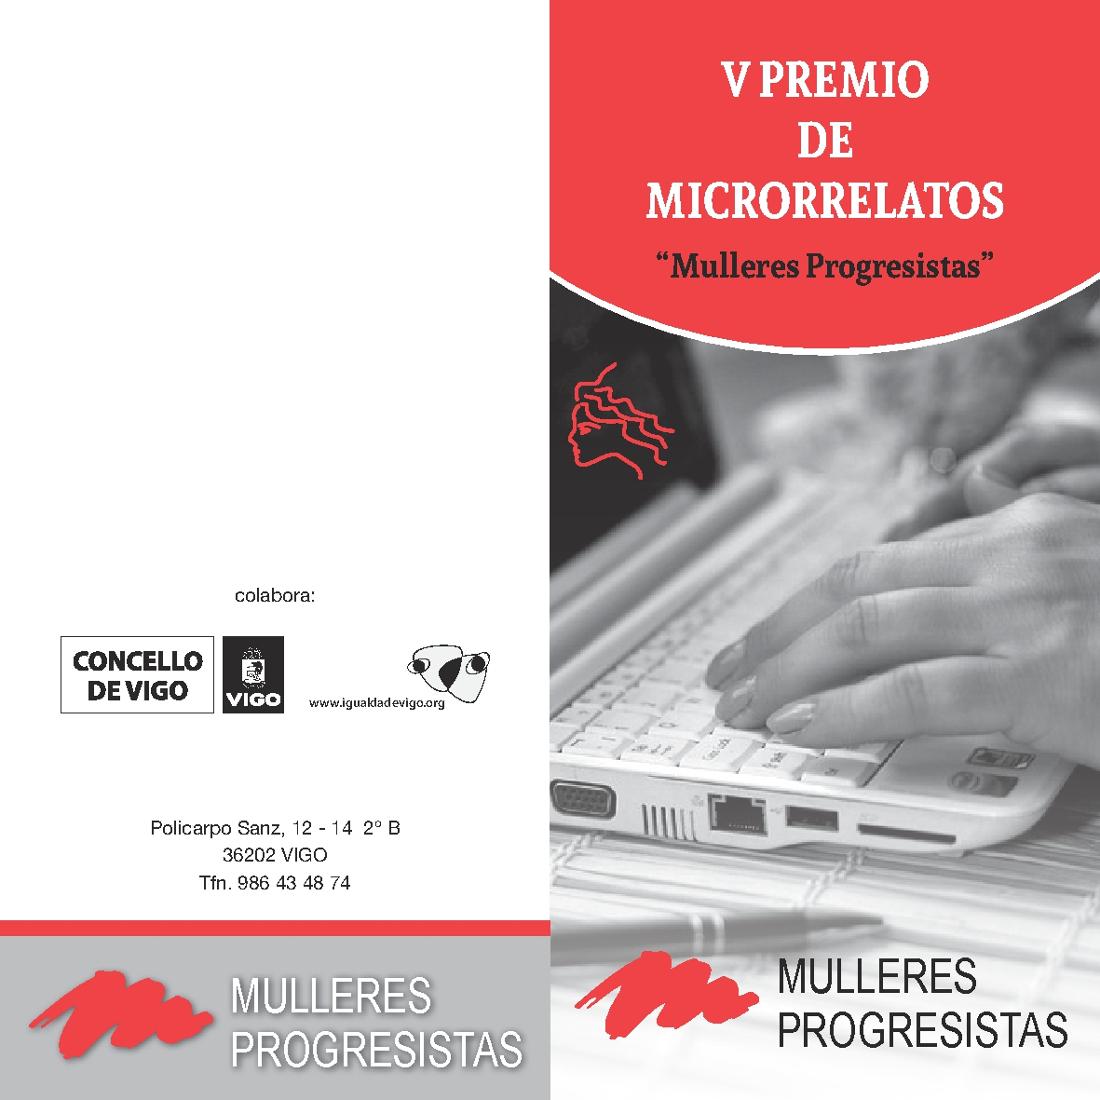 v-premio-de-microrrelatos-mulleres-progresistas-2016-1